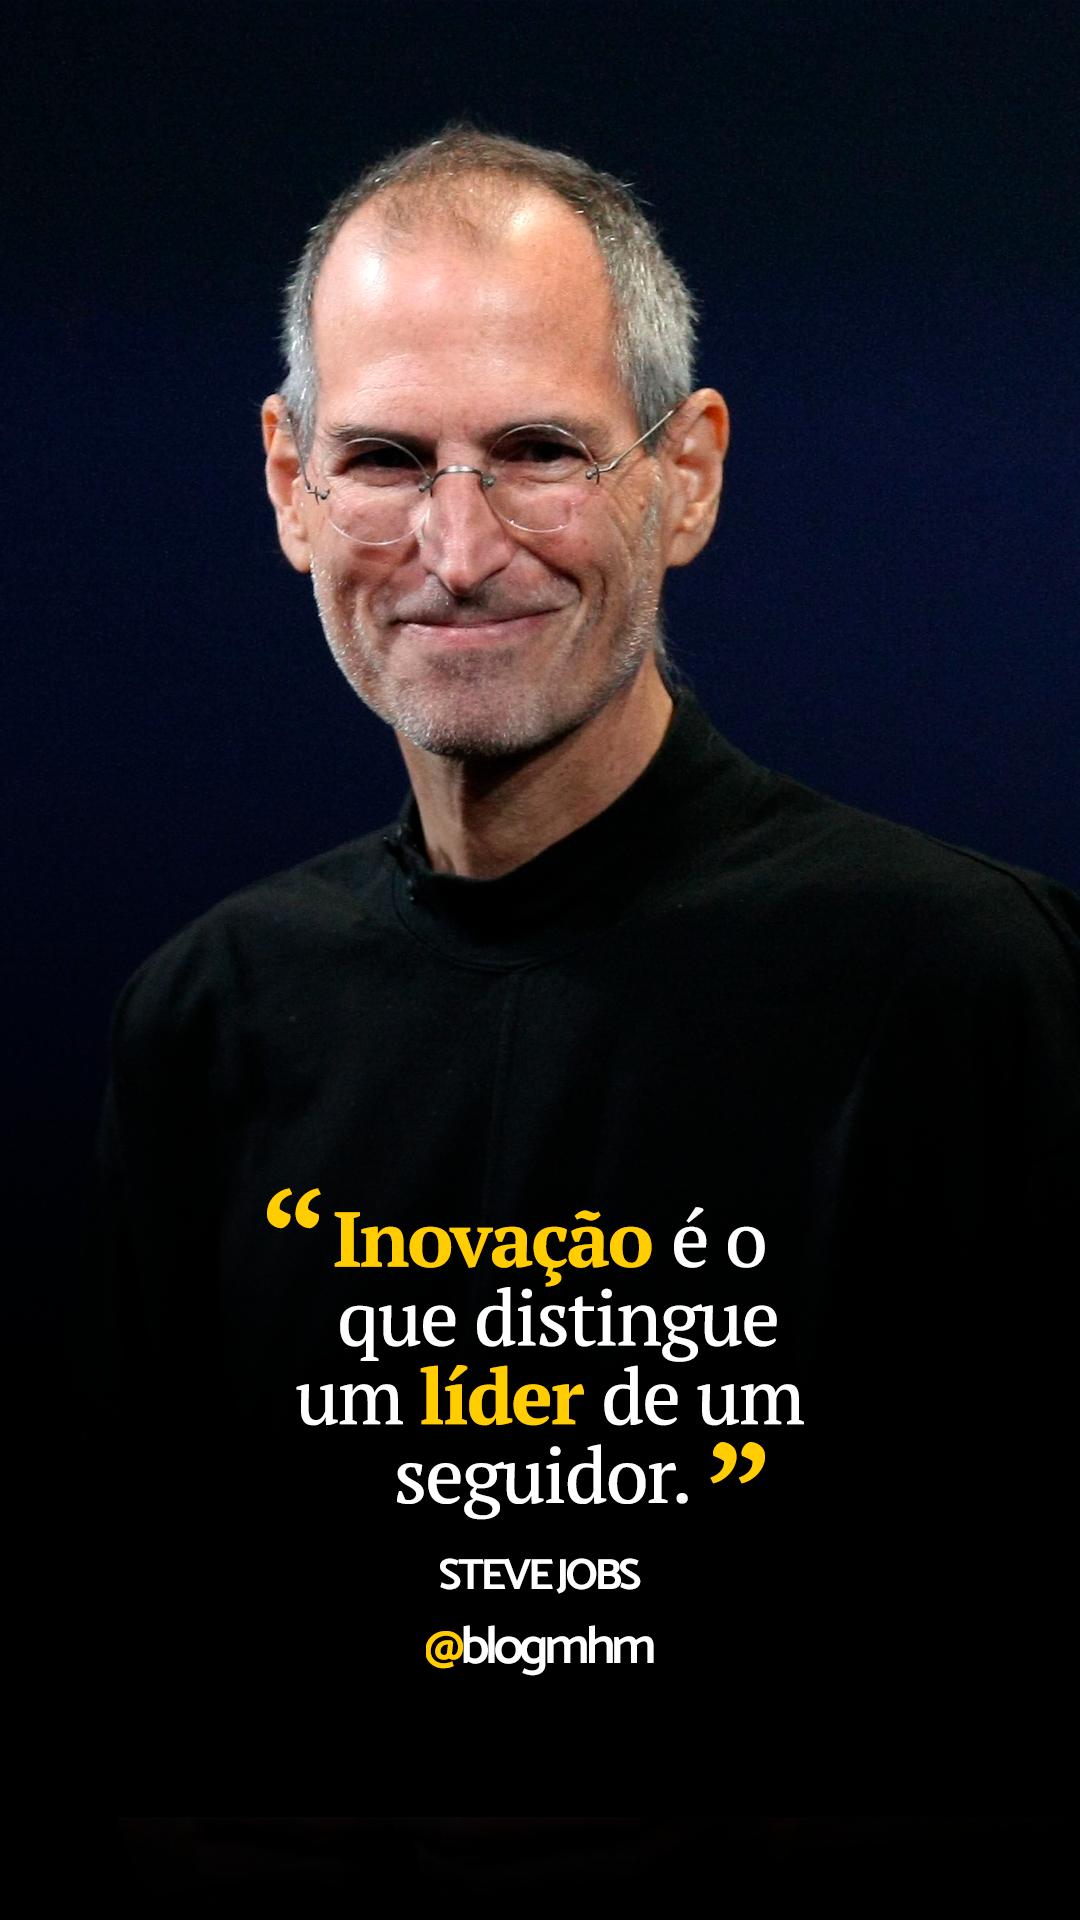 Pin De Ita Italian Em Tecnologia Frases Motivacionais